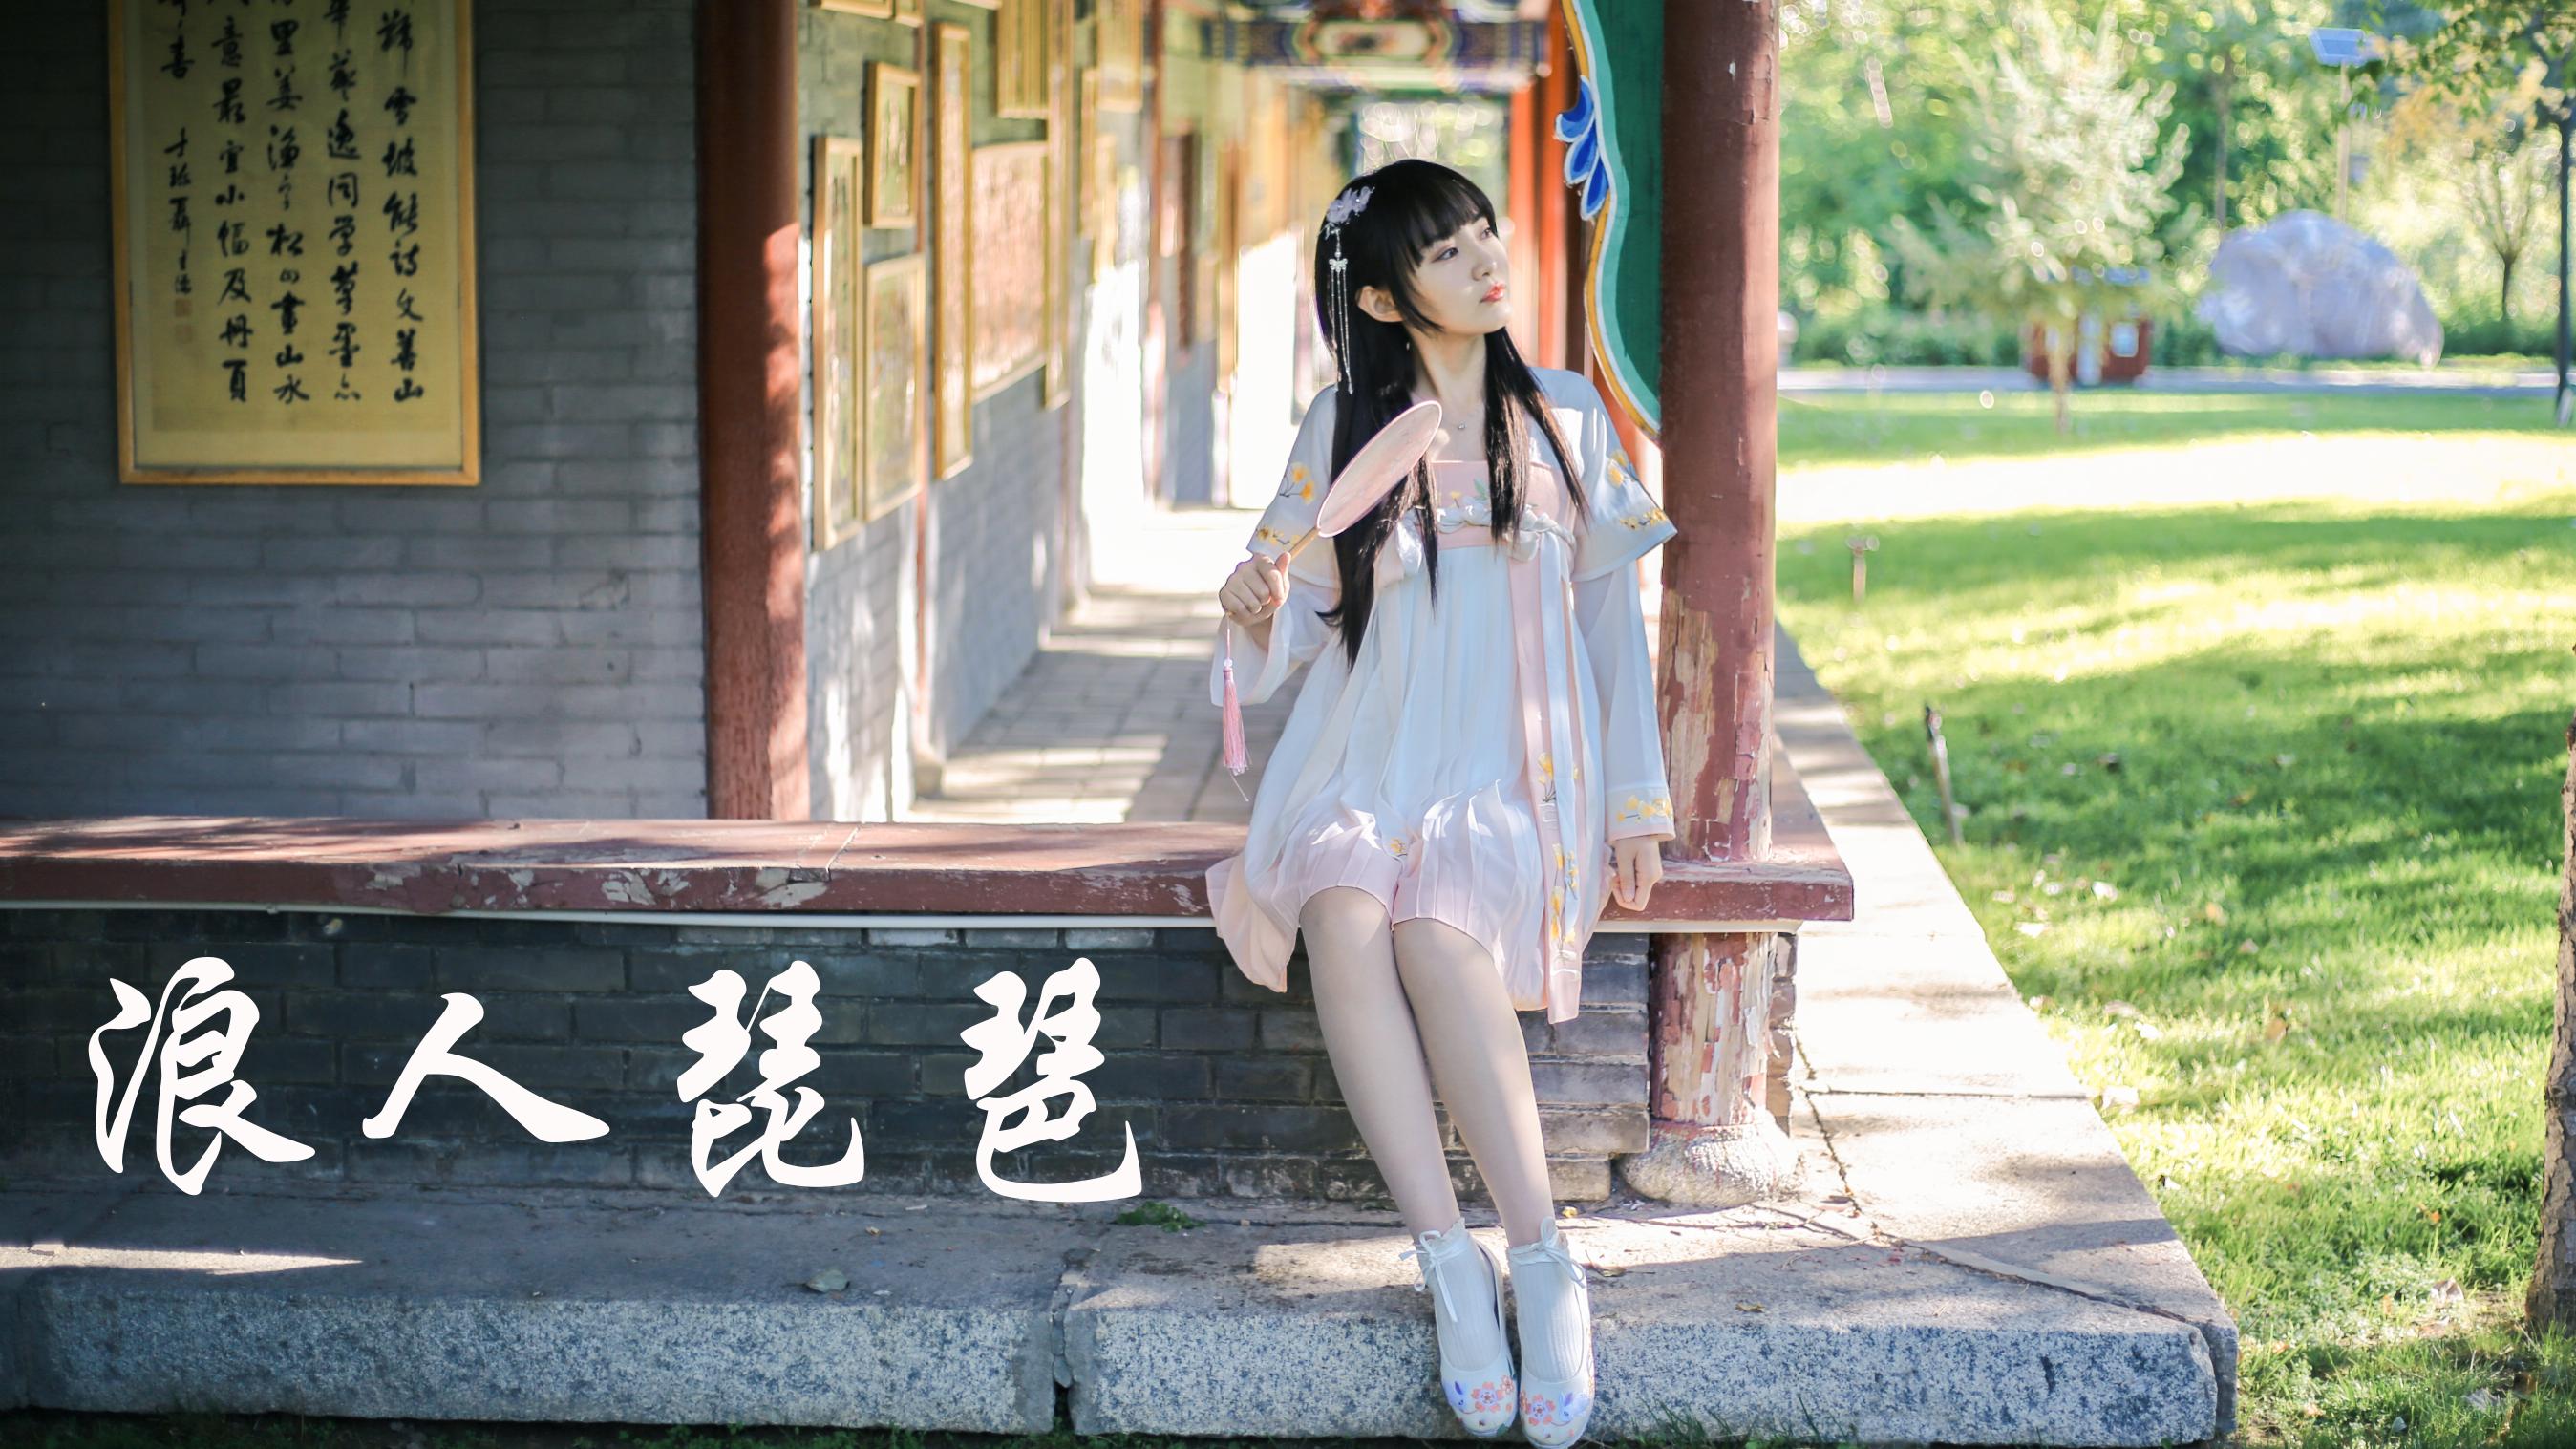 【山竹】『浪人琵琶』舞蹈区初投稿~